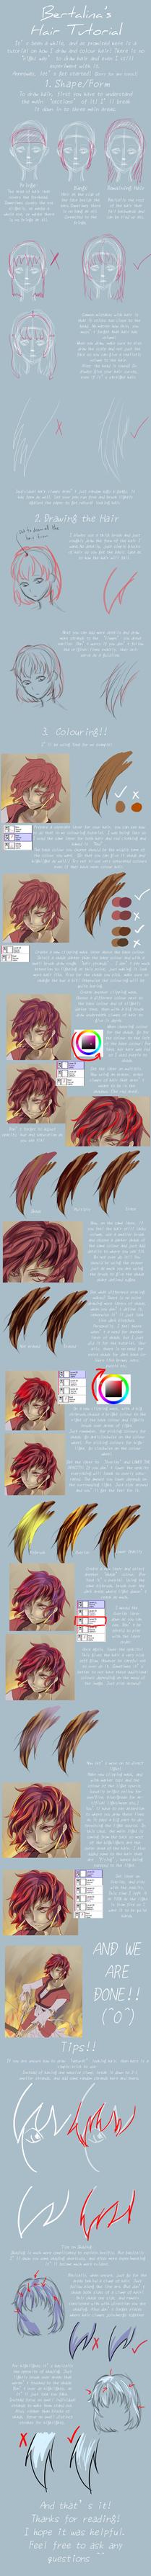 Hair Tutorial by bertalina